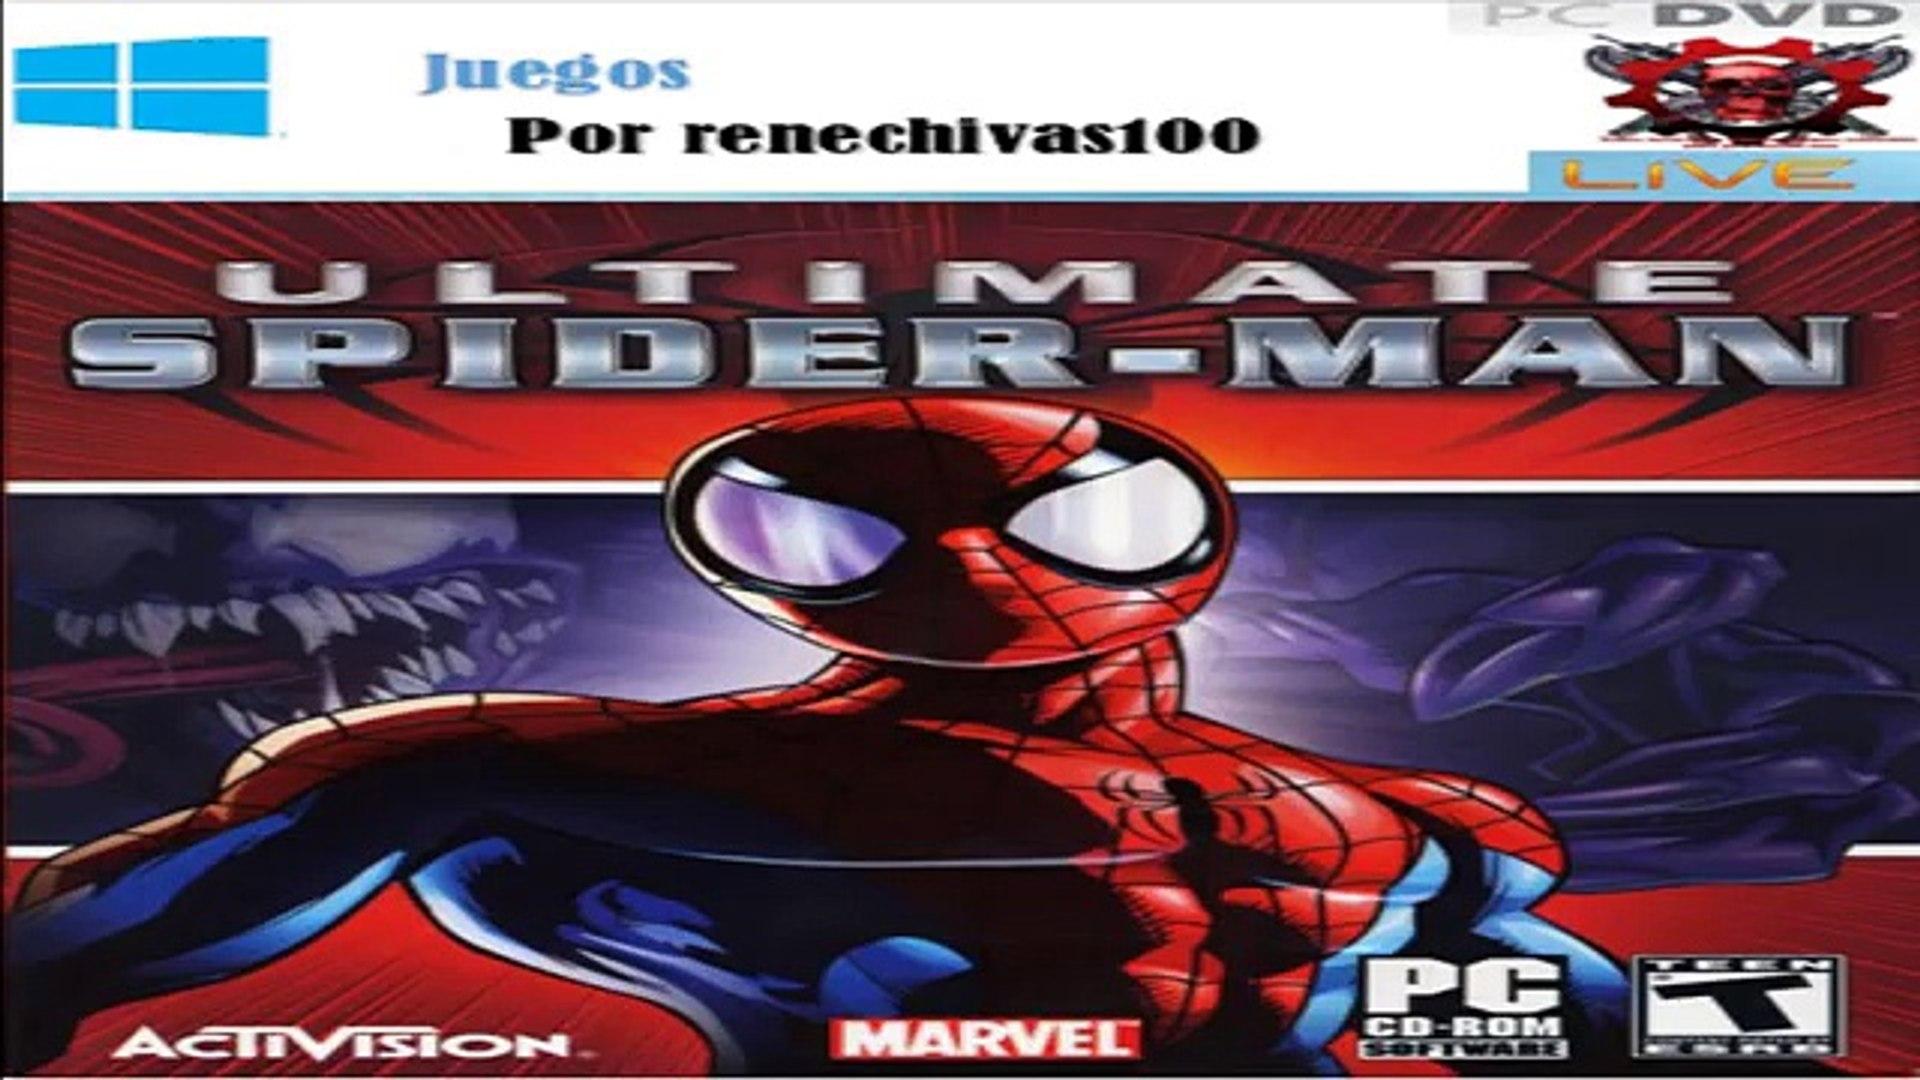 Segundo completo paraca el ordenador personal pecado hombre araña torrente último como descargar med